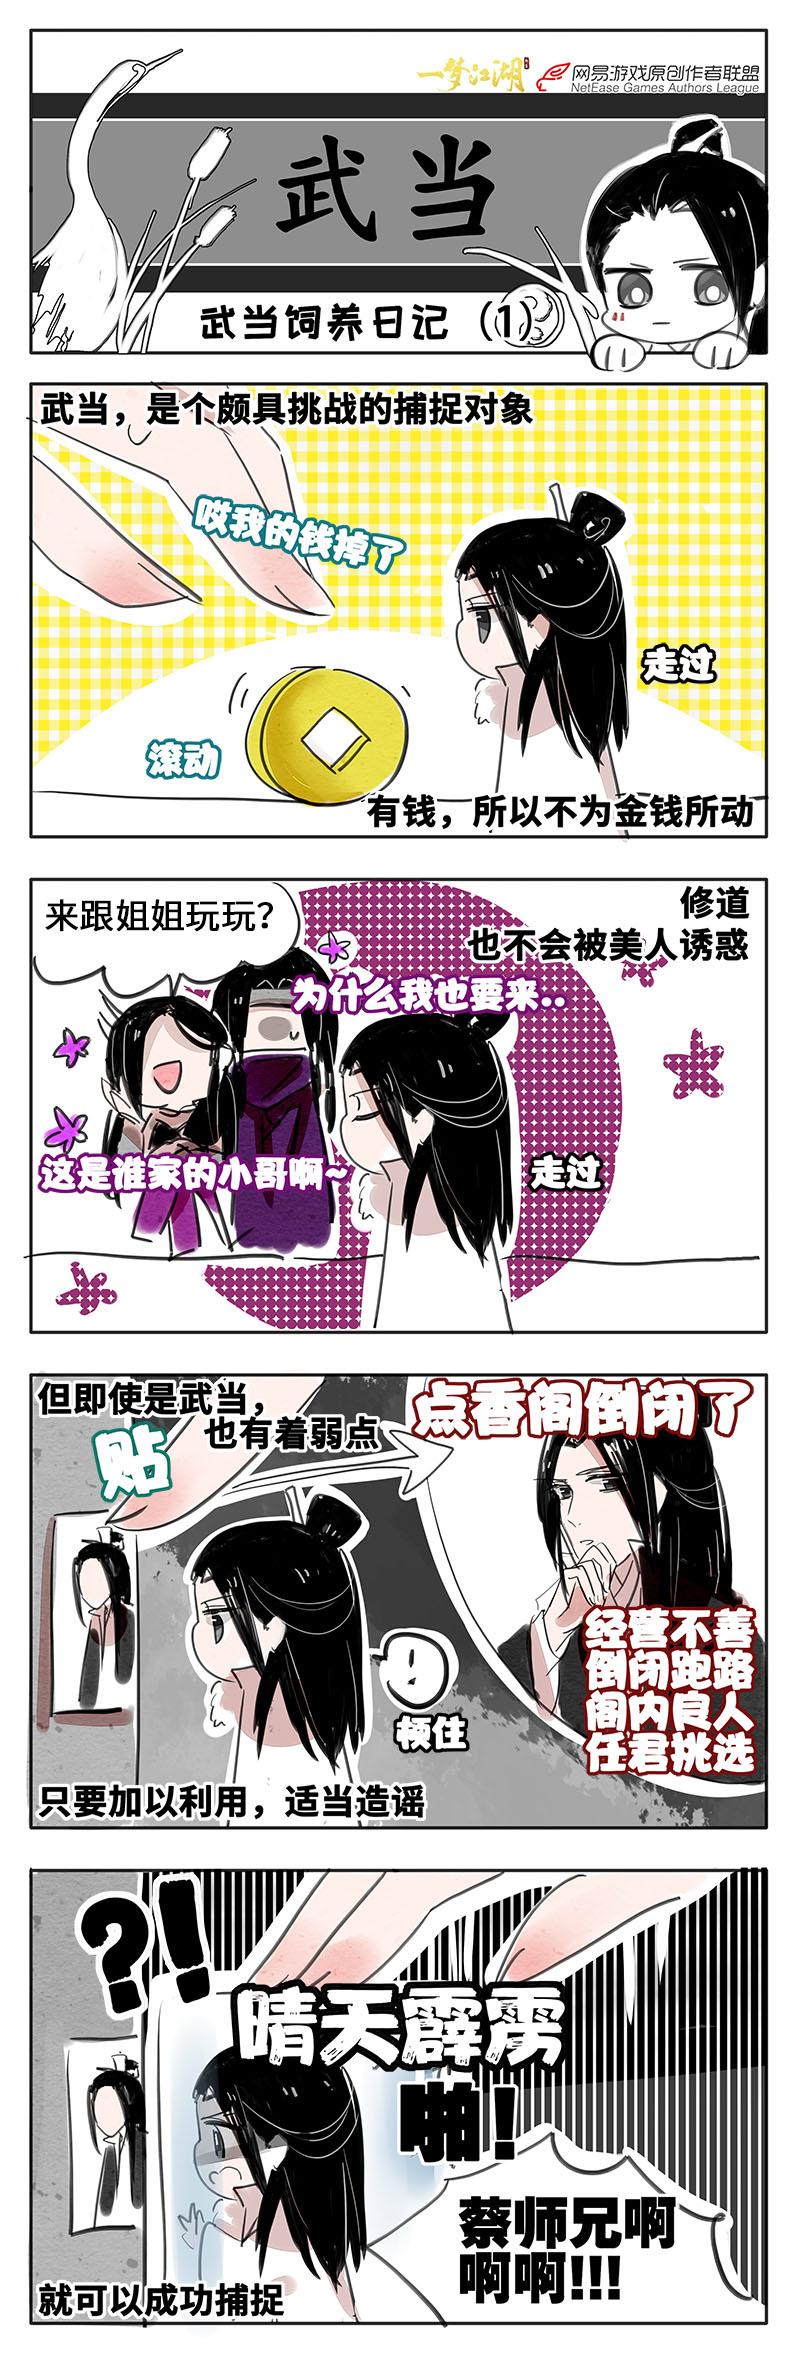 【原创作者联盟】【漫画学院】武当饲养手册!1-4!